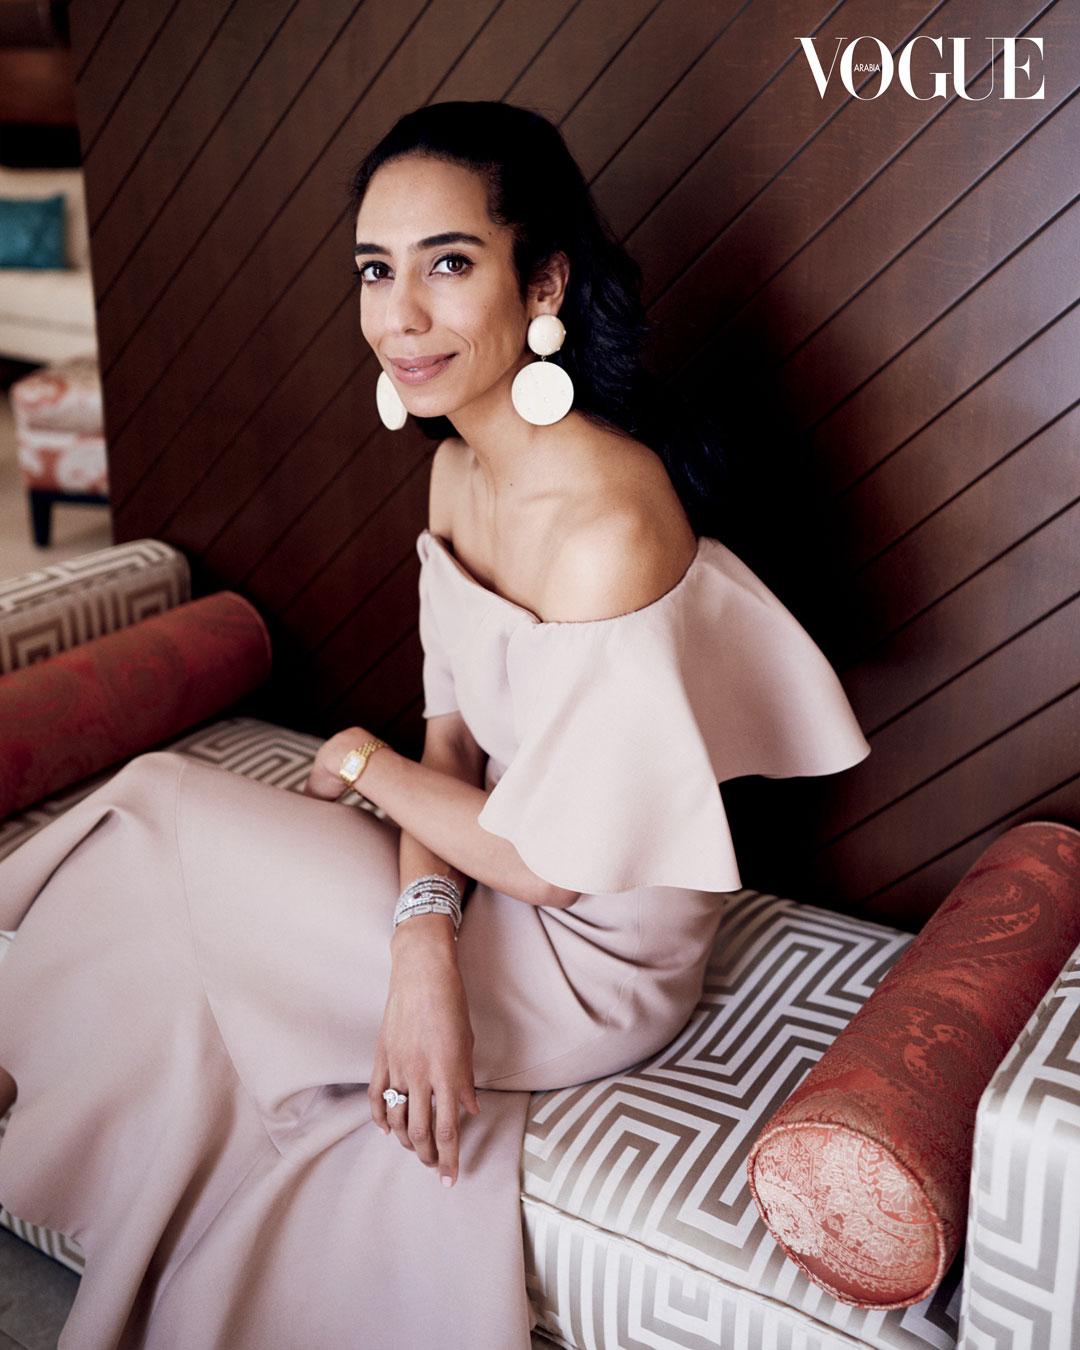 Portrait  /// Sheikha Dana Al Khalifa for VOGUE Arabia Magazine, September Issue 2018.   FASHION, EDITORIAL, PORTRAITURE